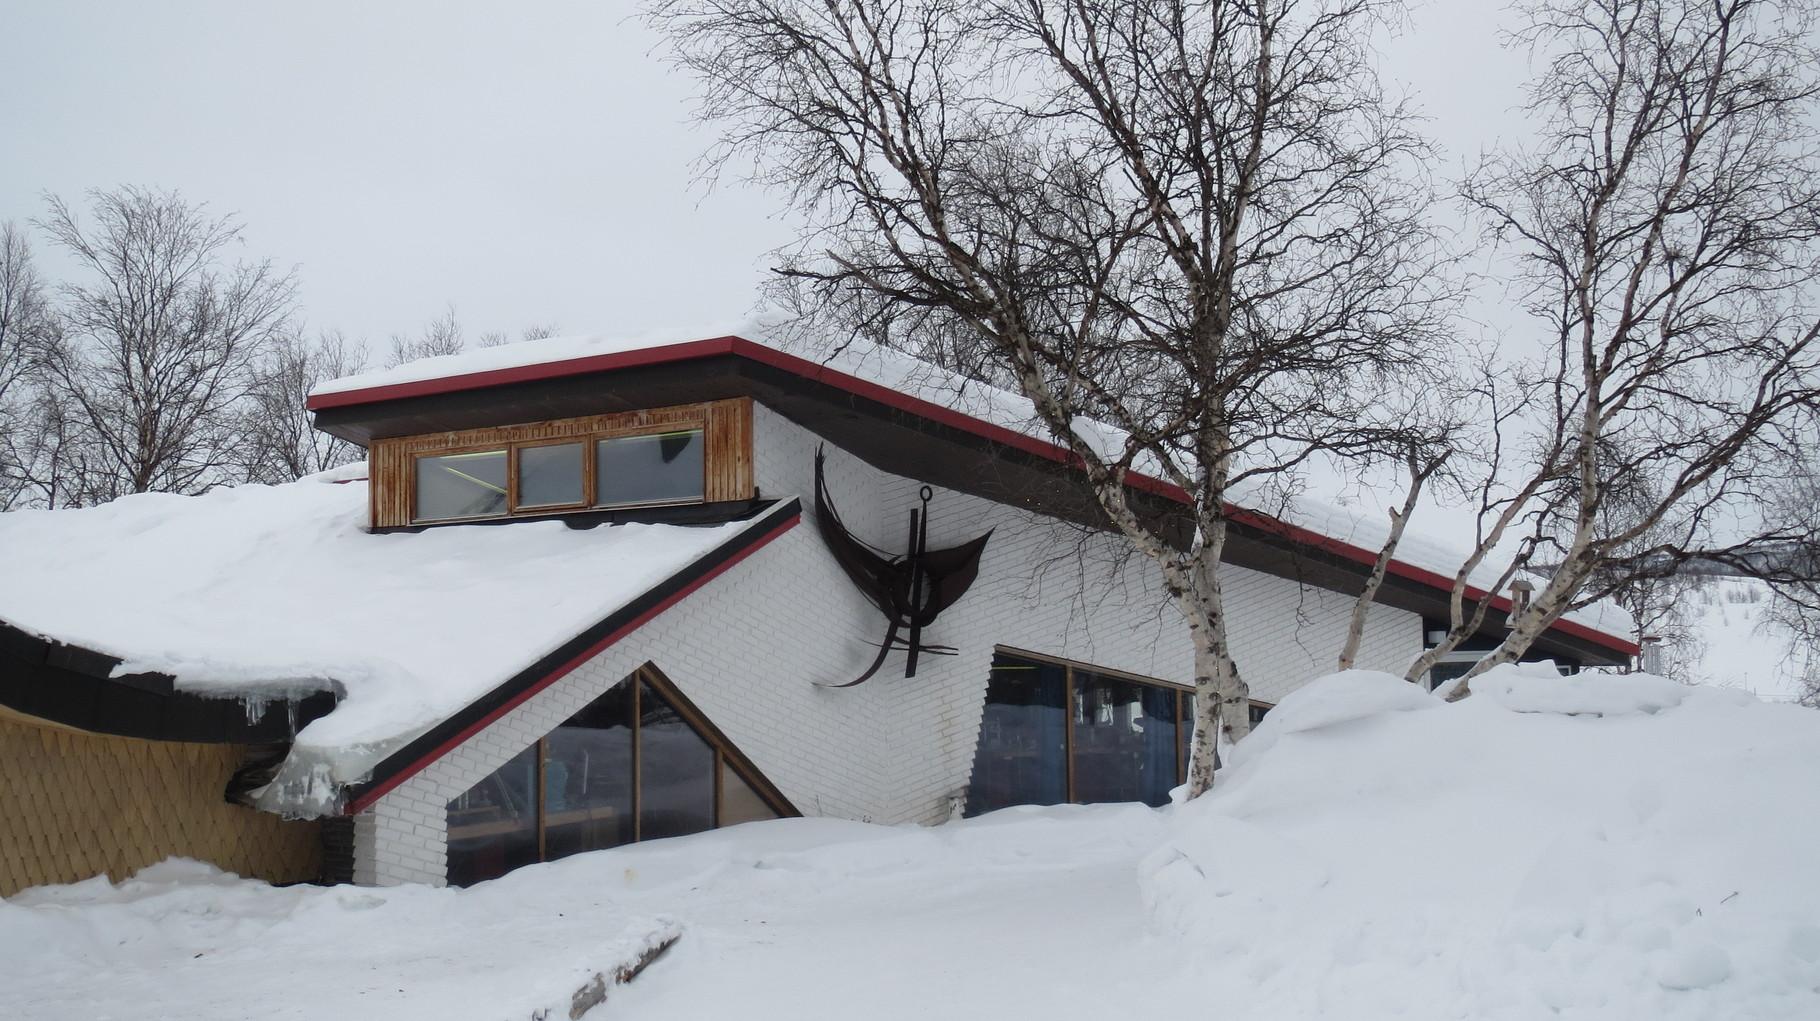 ... und irgendwann auch das Haus künstlerisch ausbauten.